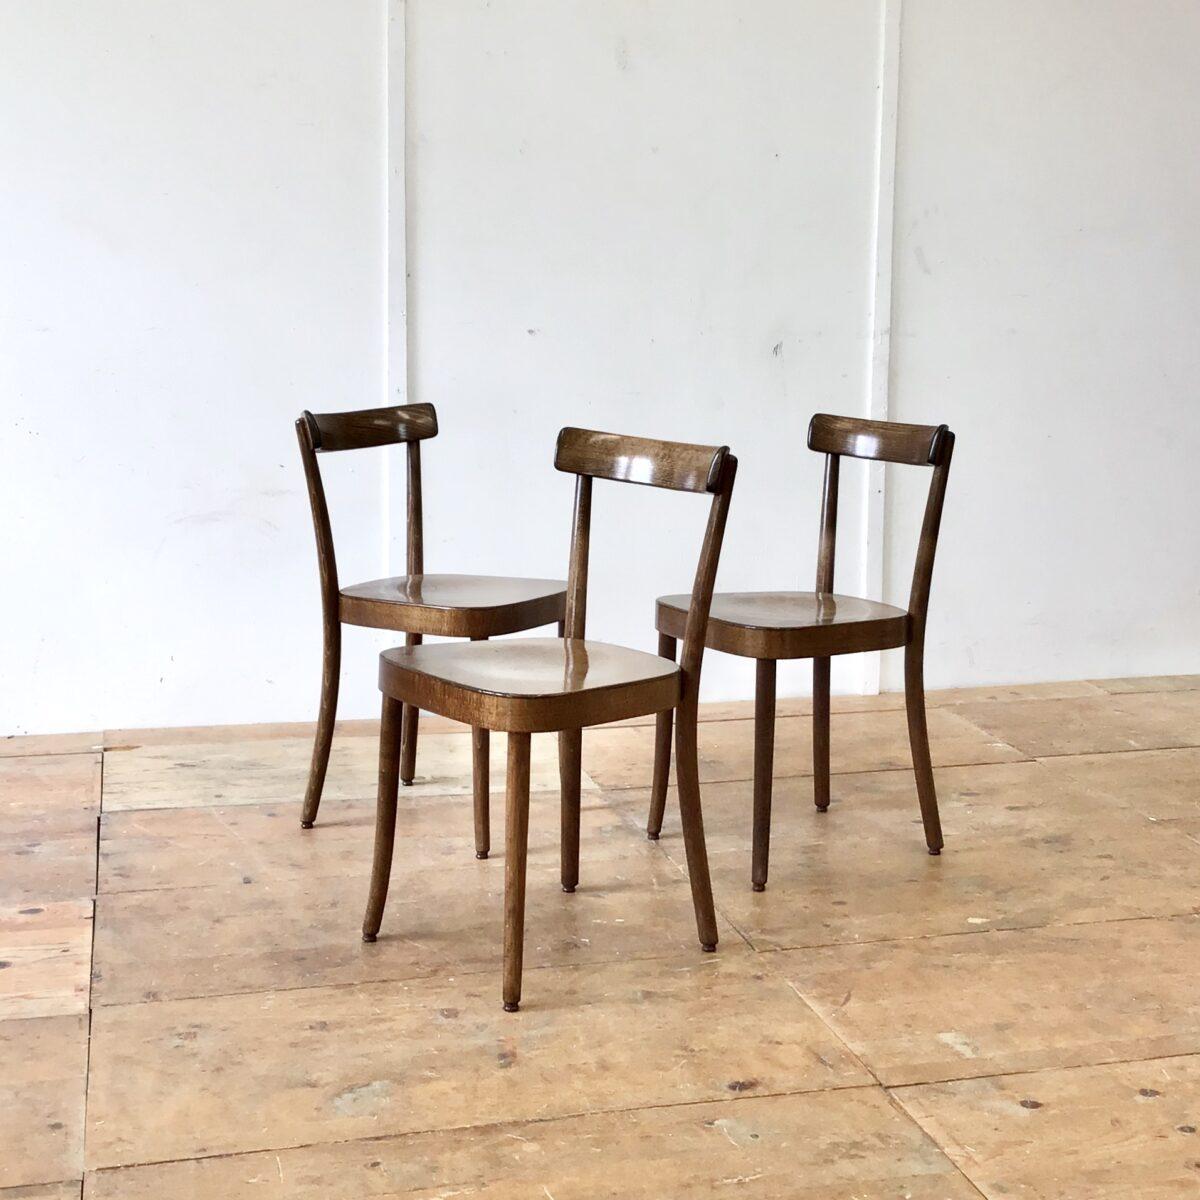 8 Max Moser Stühle von horgenglarus. Preis pro Stuhl, kleinere Abnutzungsspuren. Technisch in einwandfreiem Stabilen Zustand.